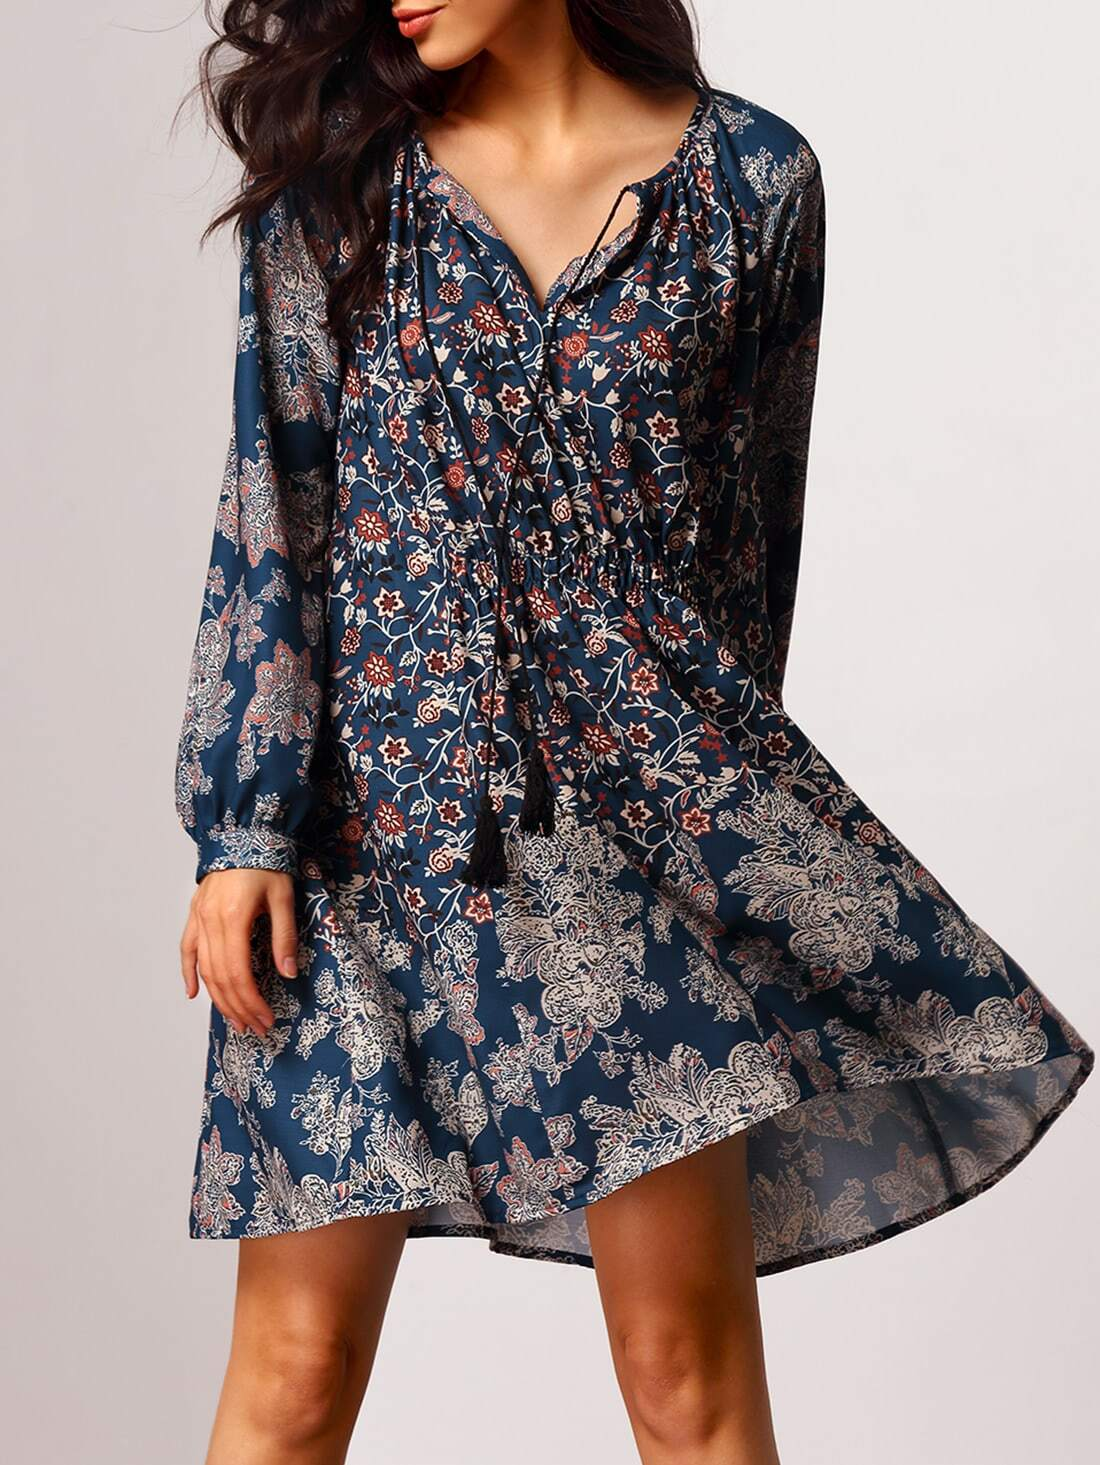 Vintage Print Dress With Fringe